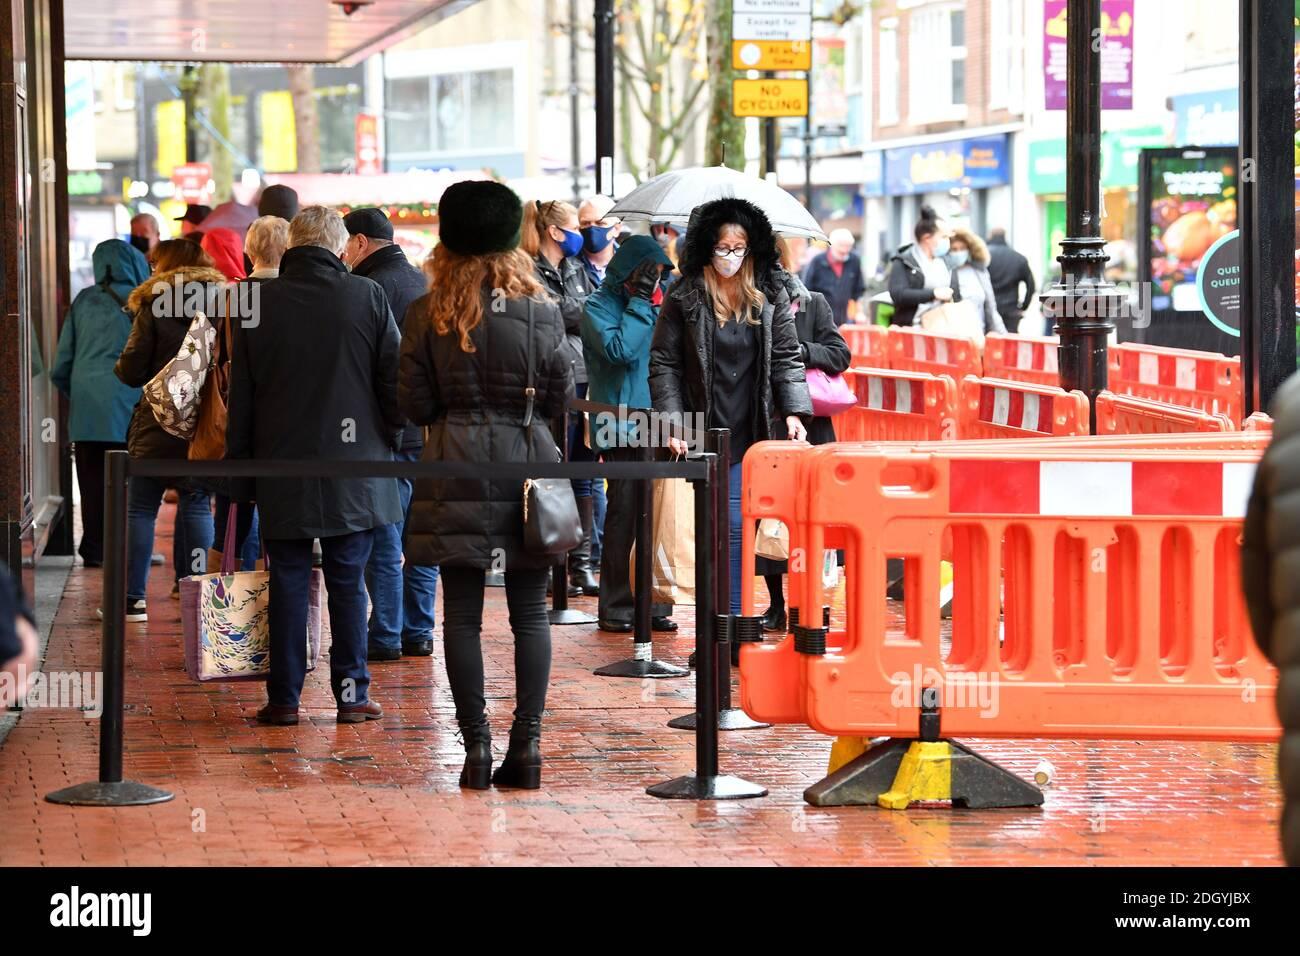 Scènes autour de Broad Street, Reading, Berkshire, le lendemain de la fin de Lockdown 2, jeudi 3 décembre 2020. Banque D'Images